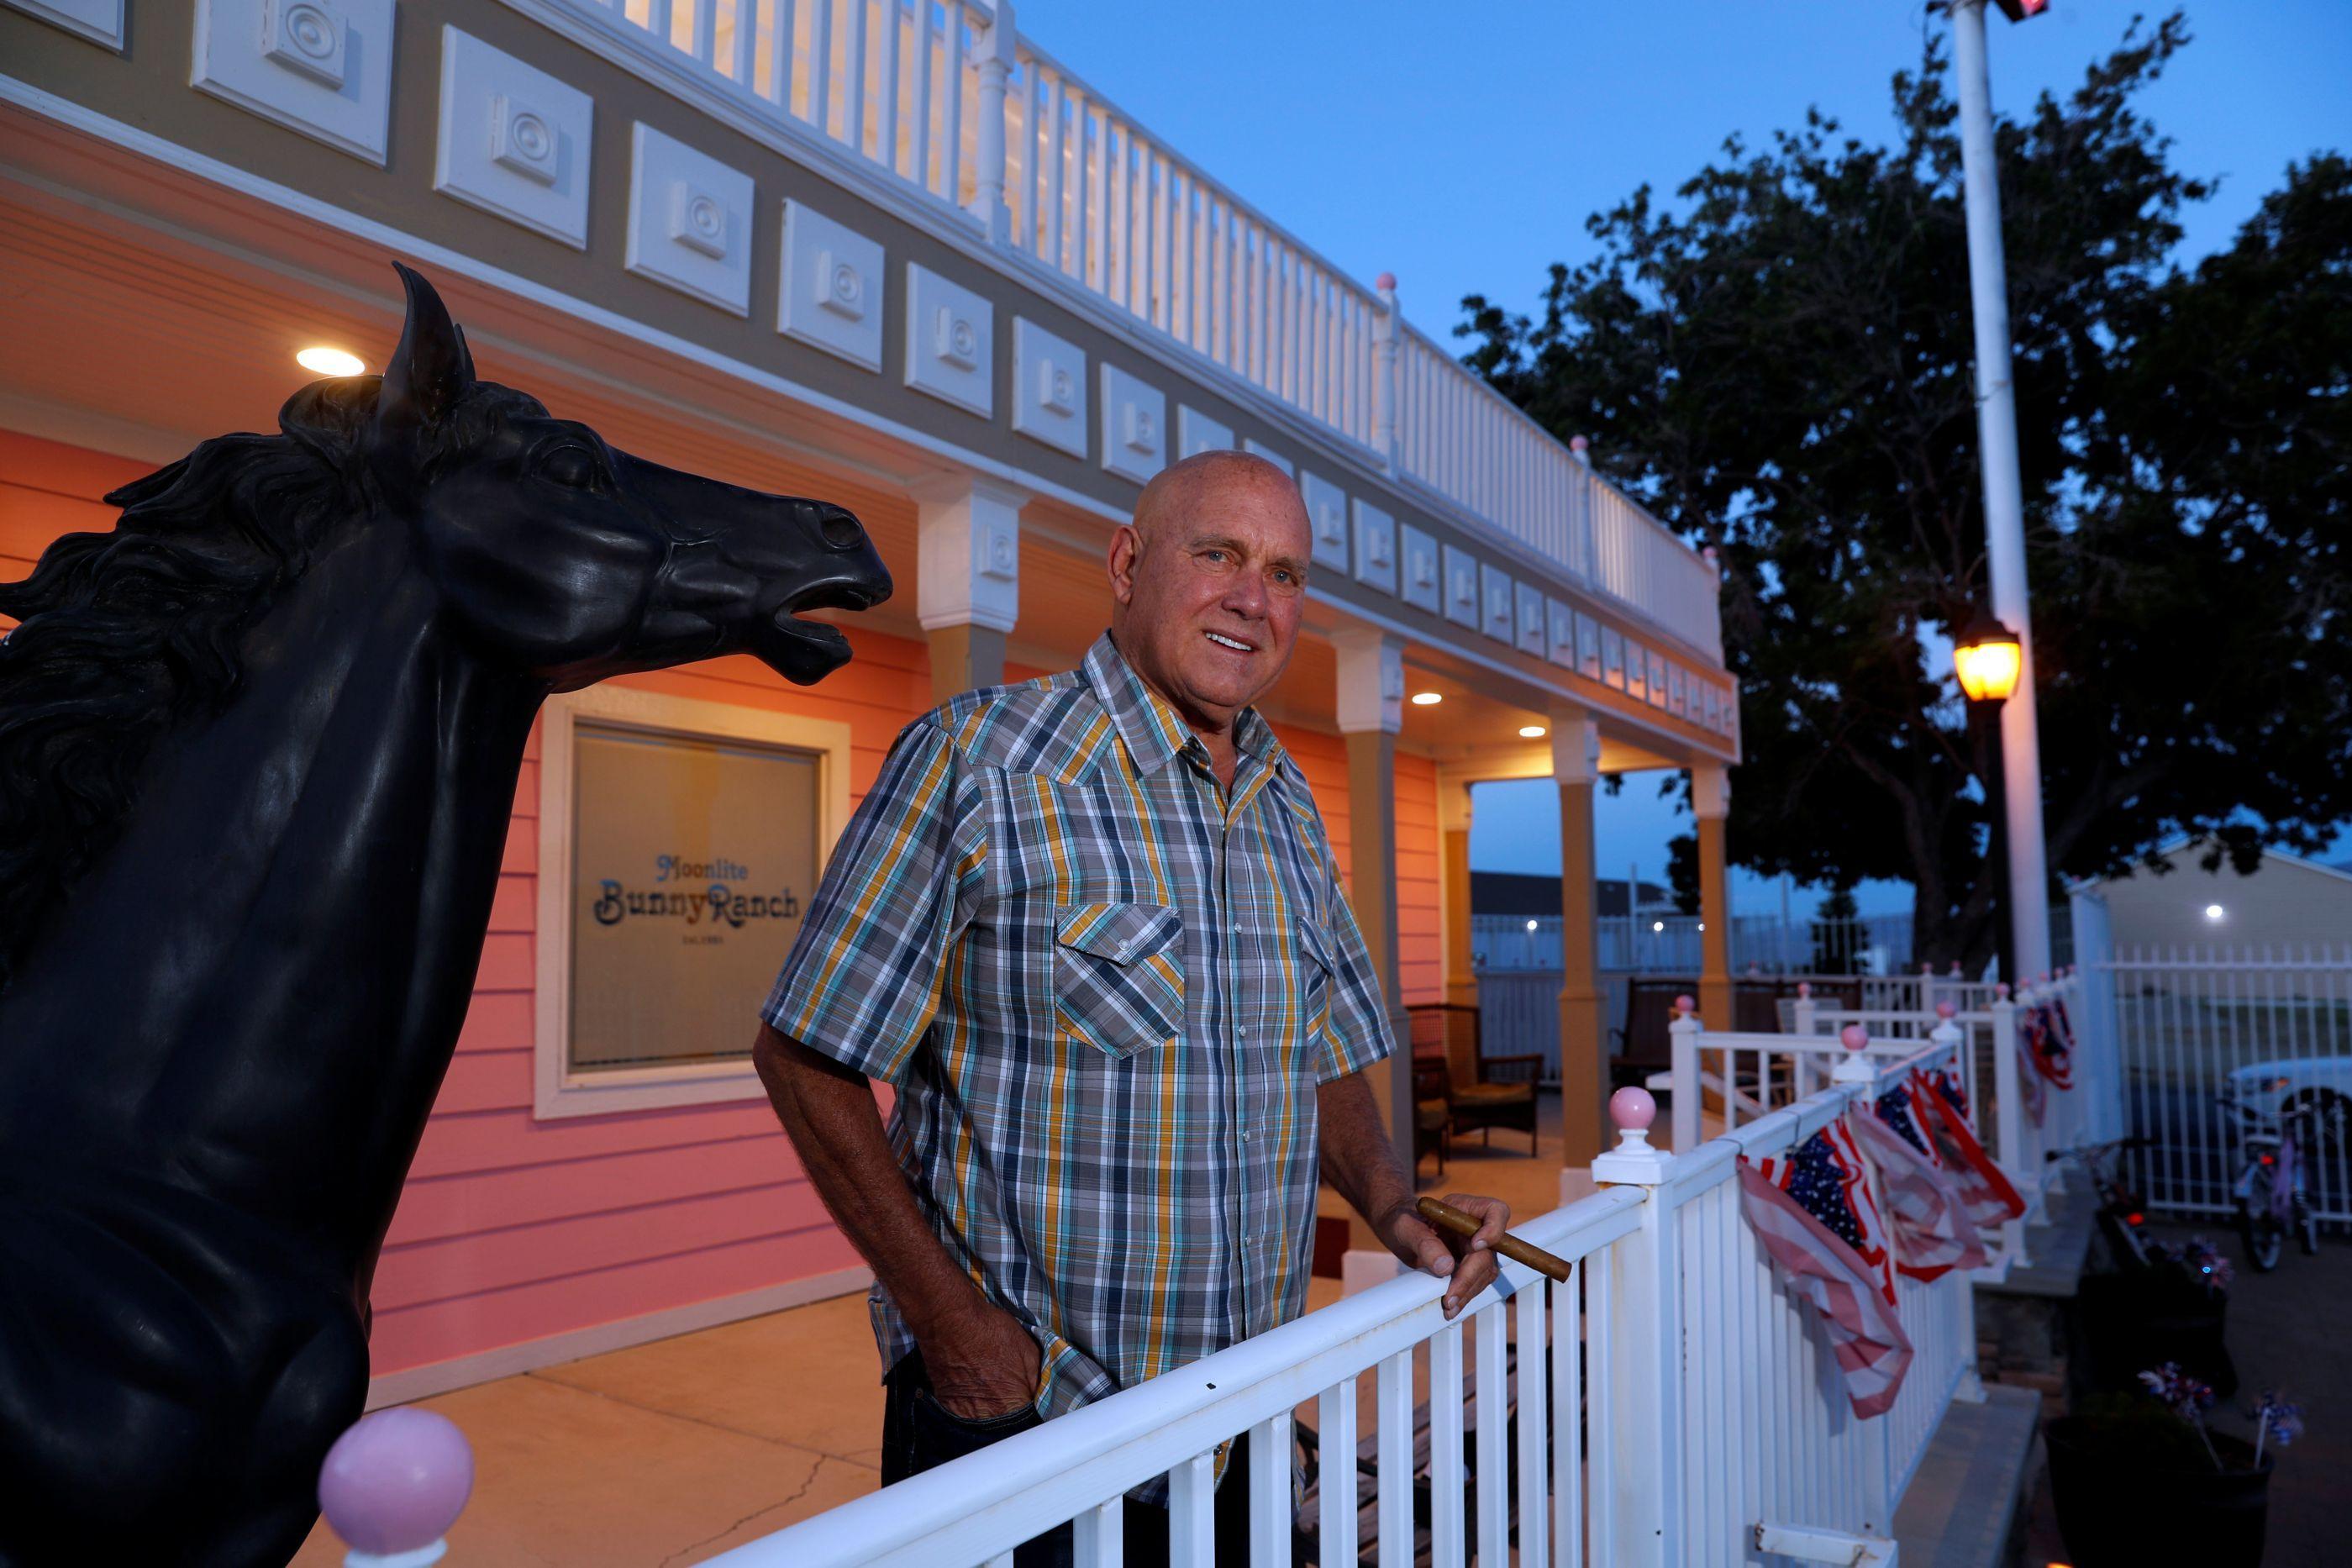 Dono de bordel, morto em outubro, ganha eleição com 68% nos EUA